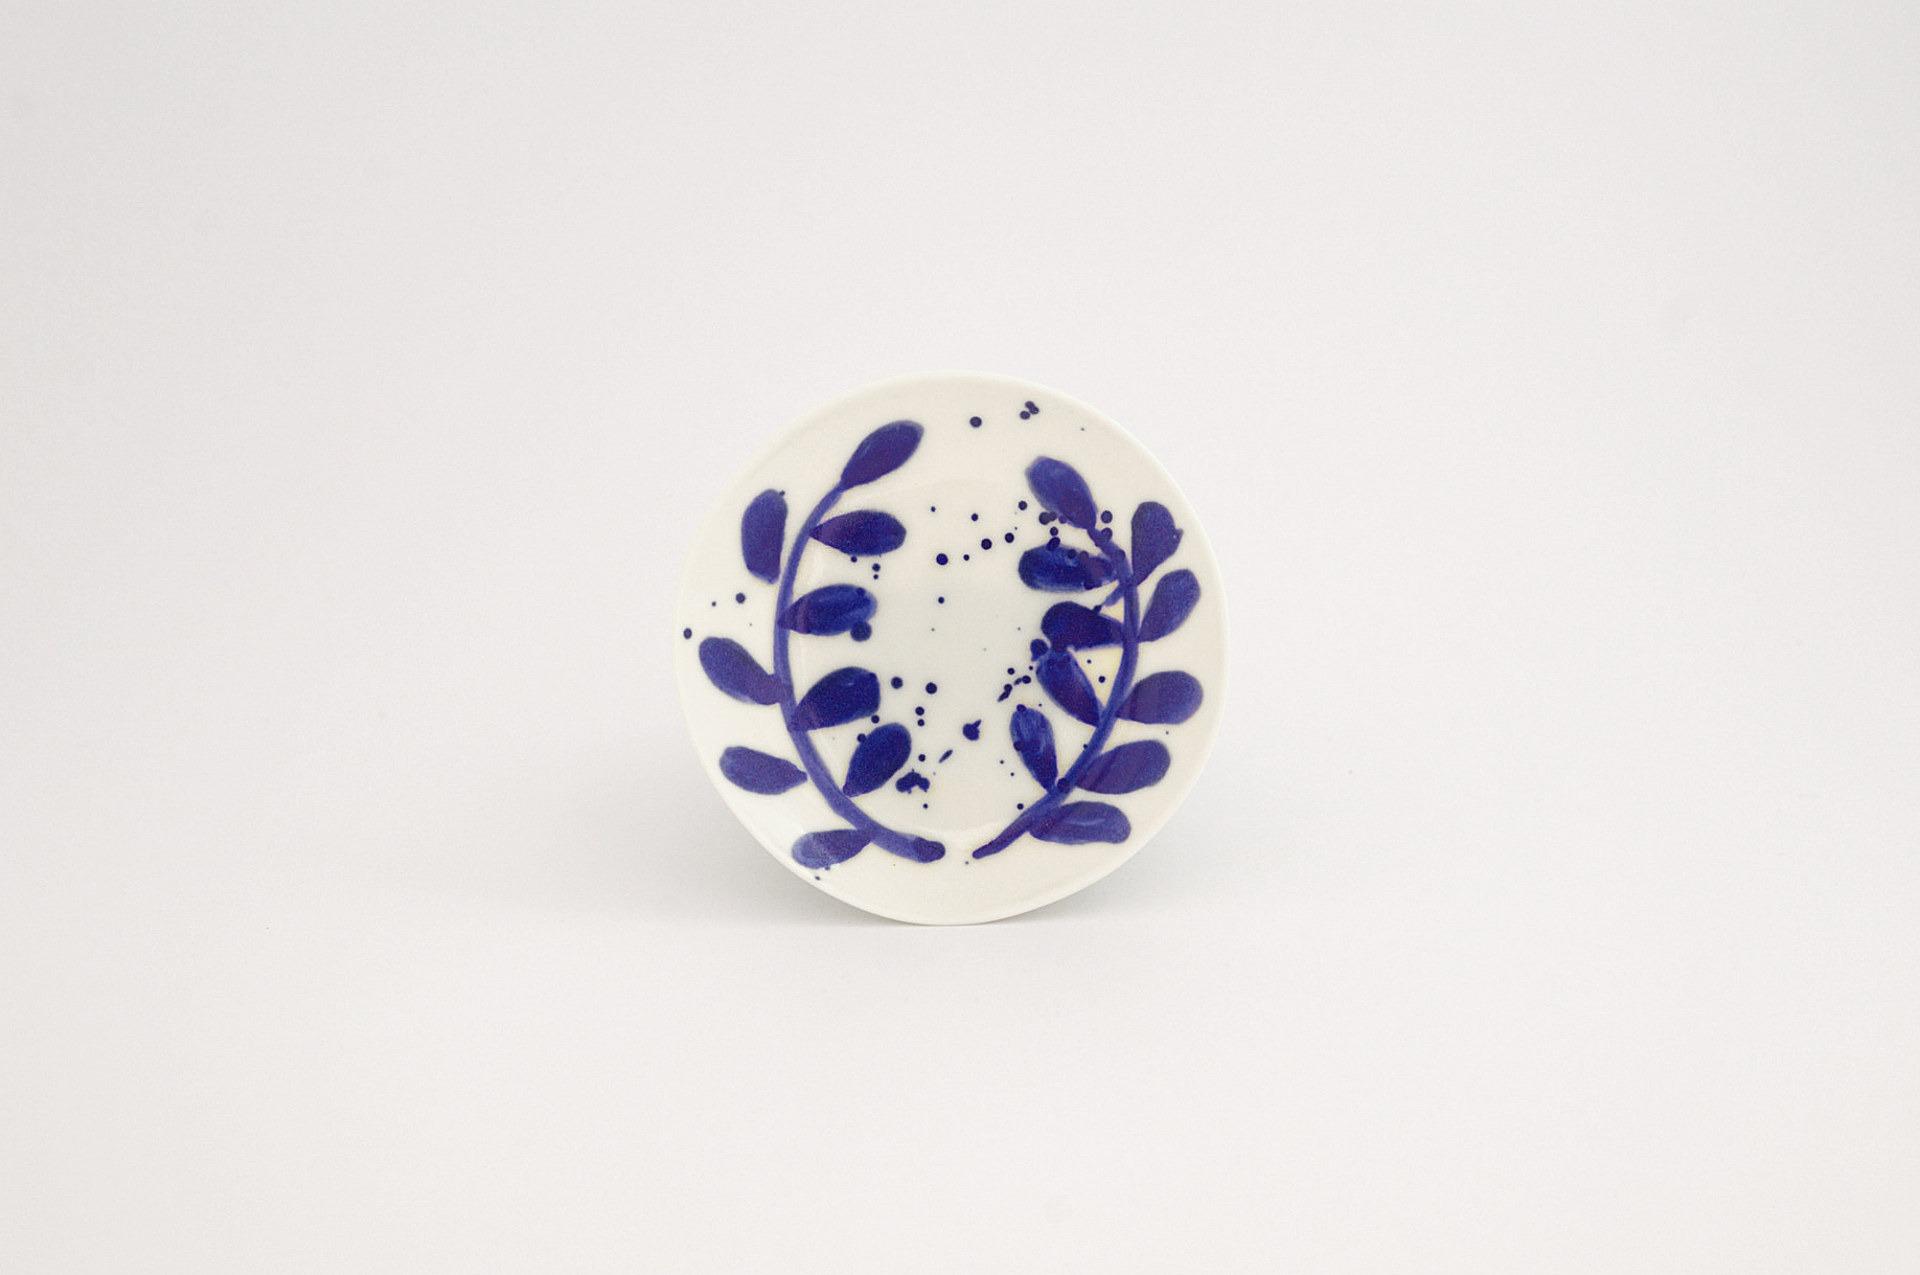 Julie Smeros Ceramics - Wreath Plate - 2018